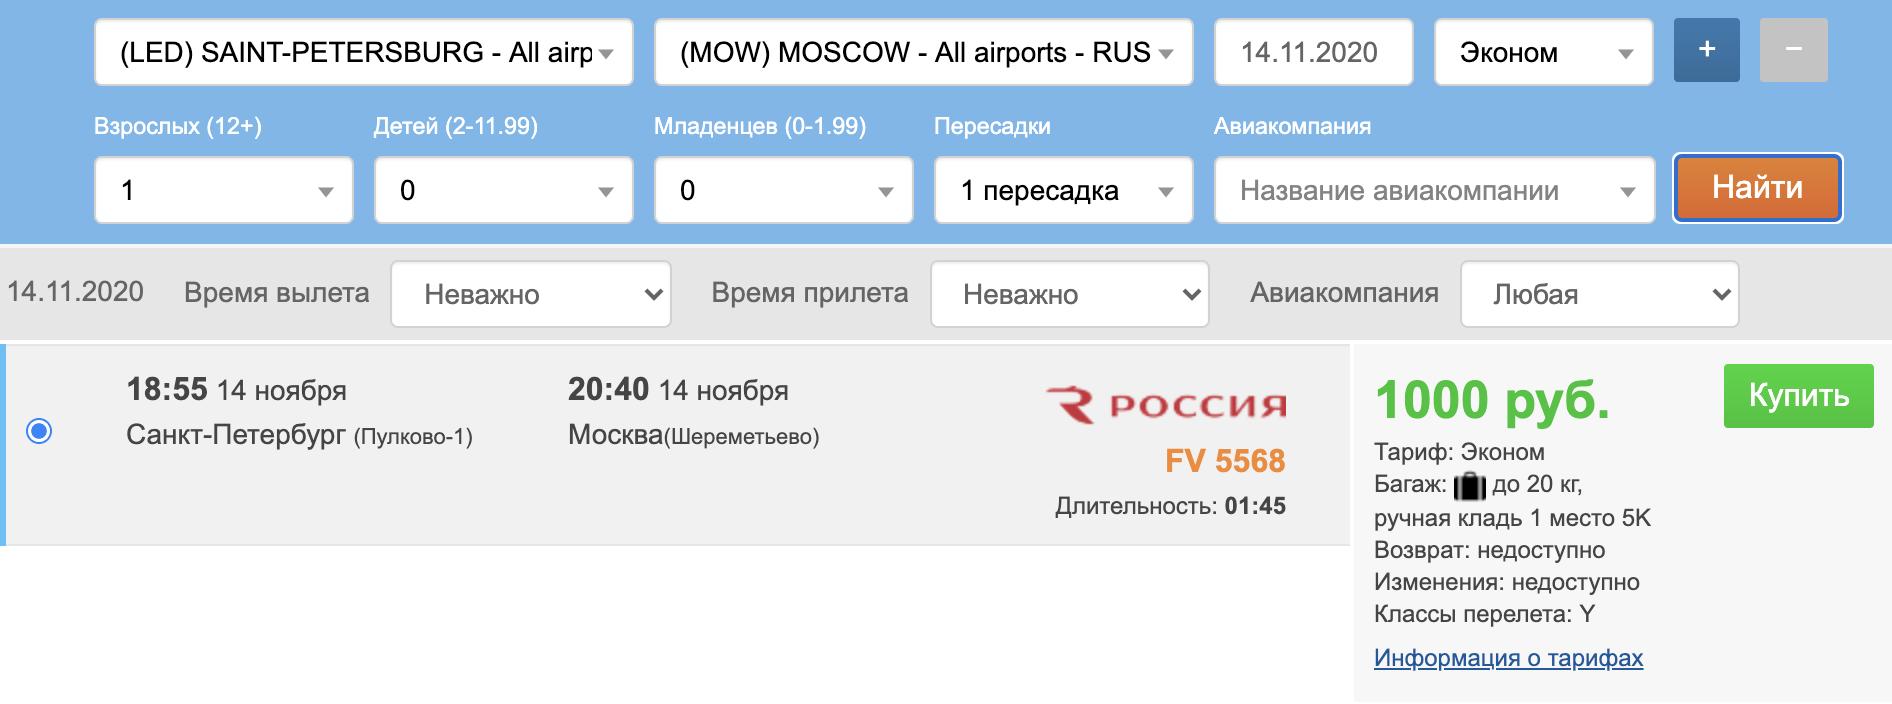 Дешевые чартеры между Москвой и Санкт-Петербургом от 1000₽ в одну сторону